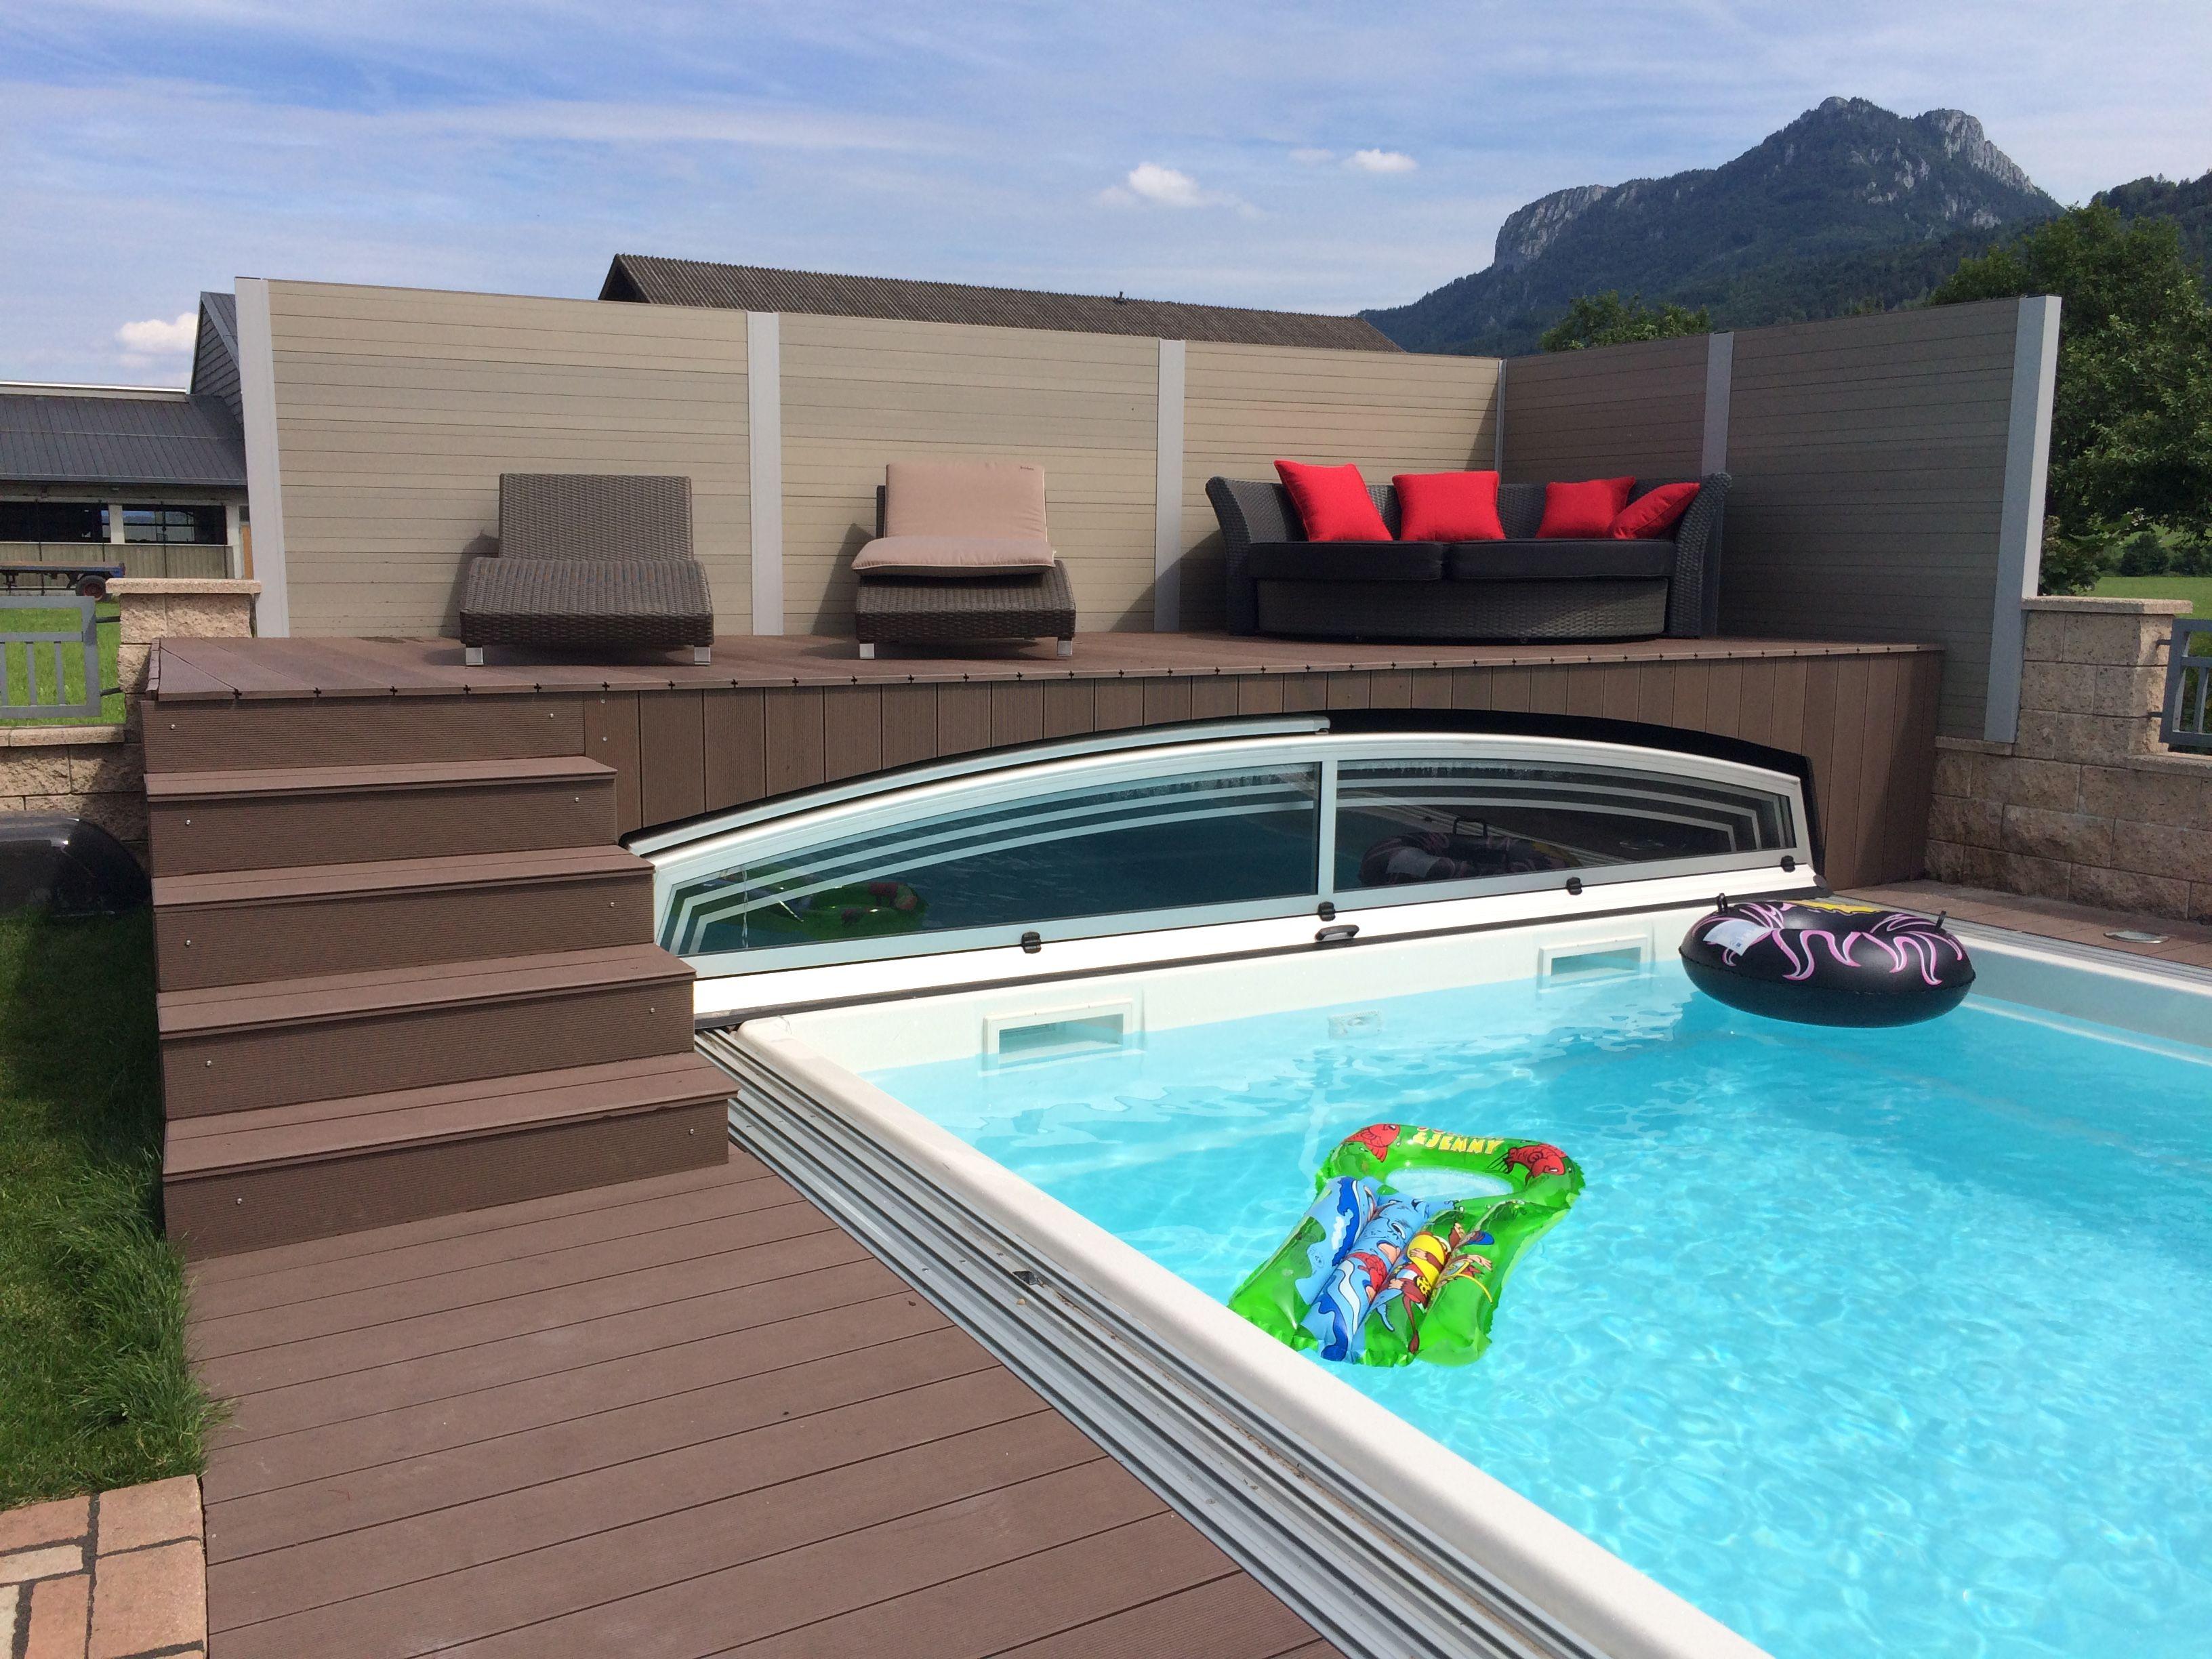 Montage von Terrassensystemen Klicksystem PVC Holz Unterkonstruktion aus Aluminium Beleuchtungssysteme Bodenbelag